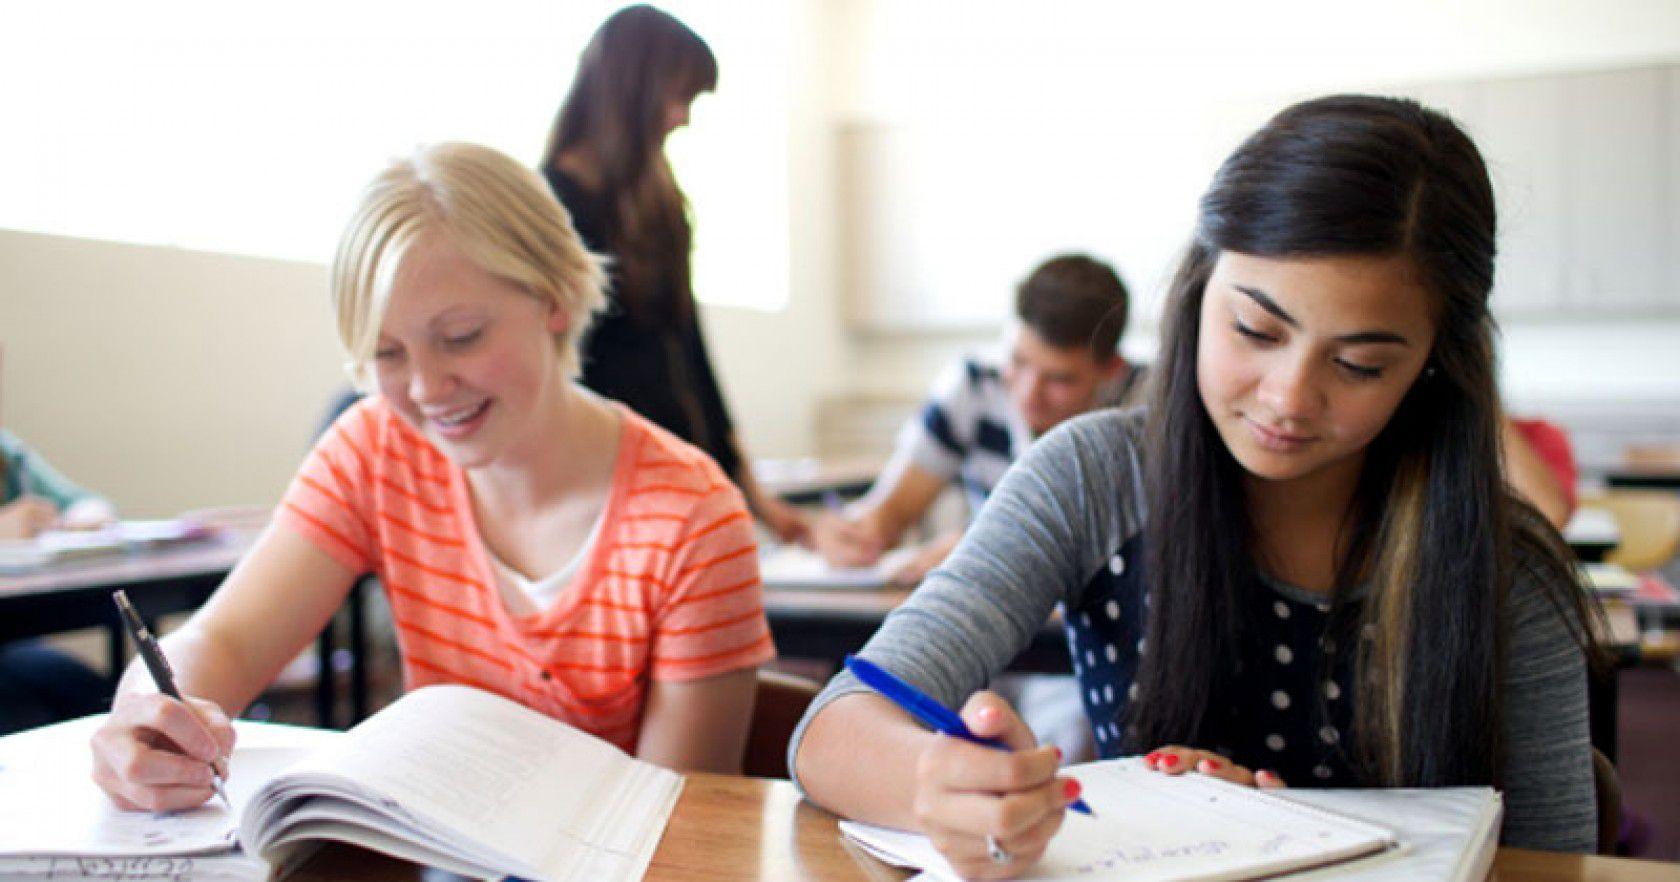 Kanada Kolej Eğitiminin Avantajları